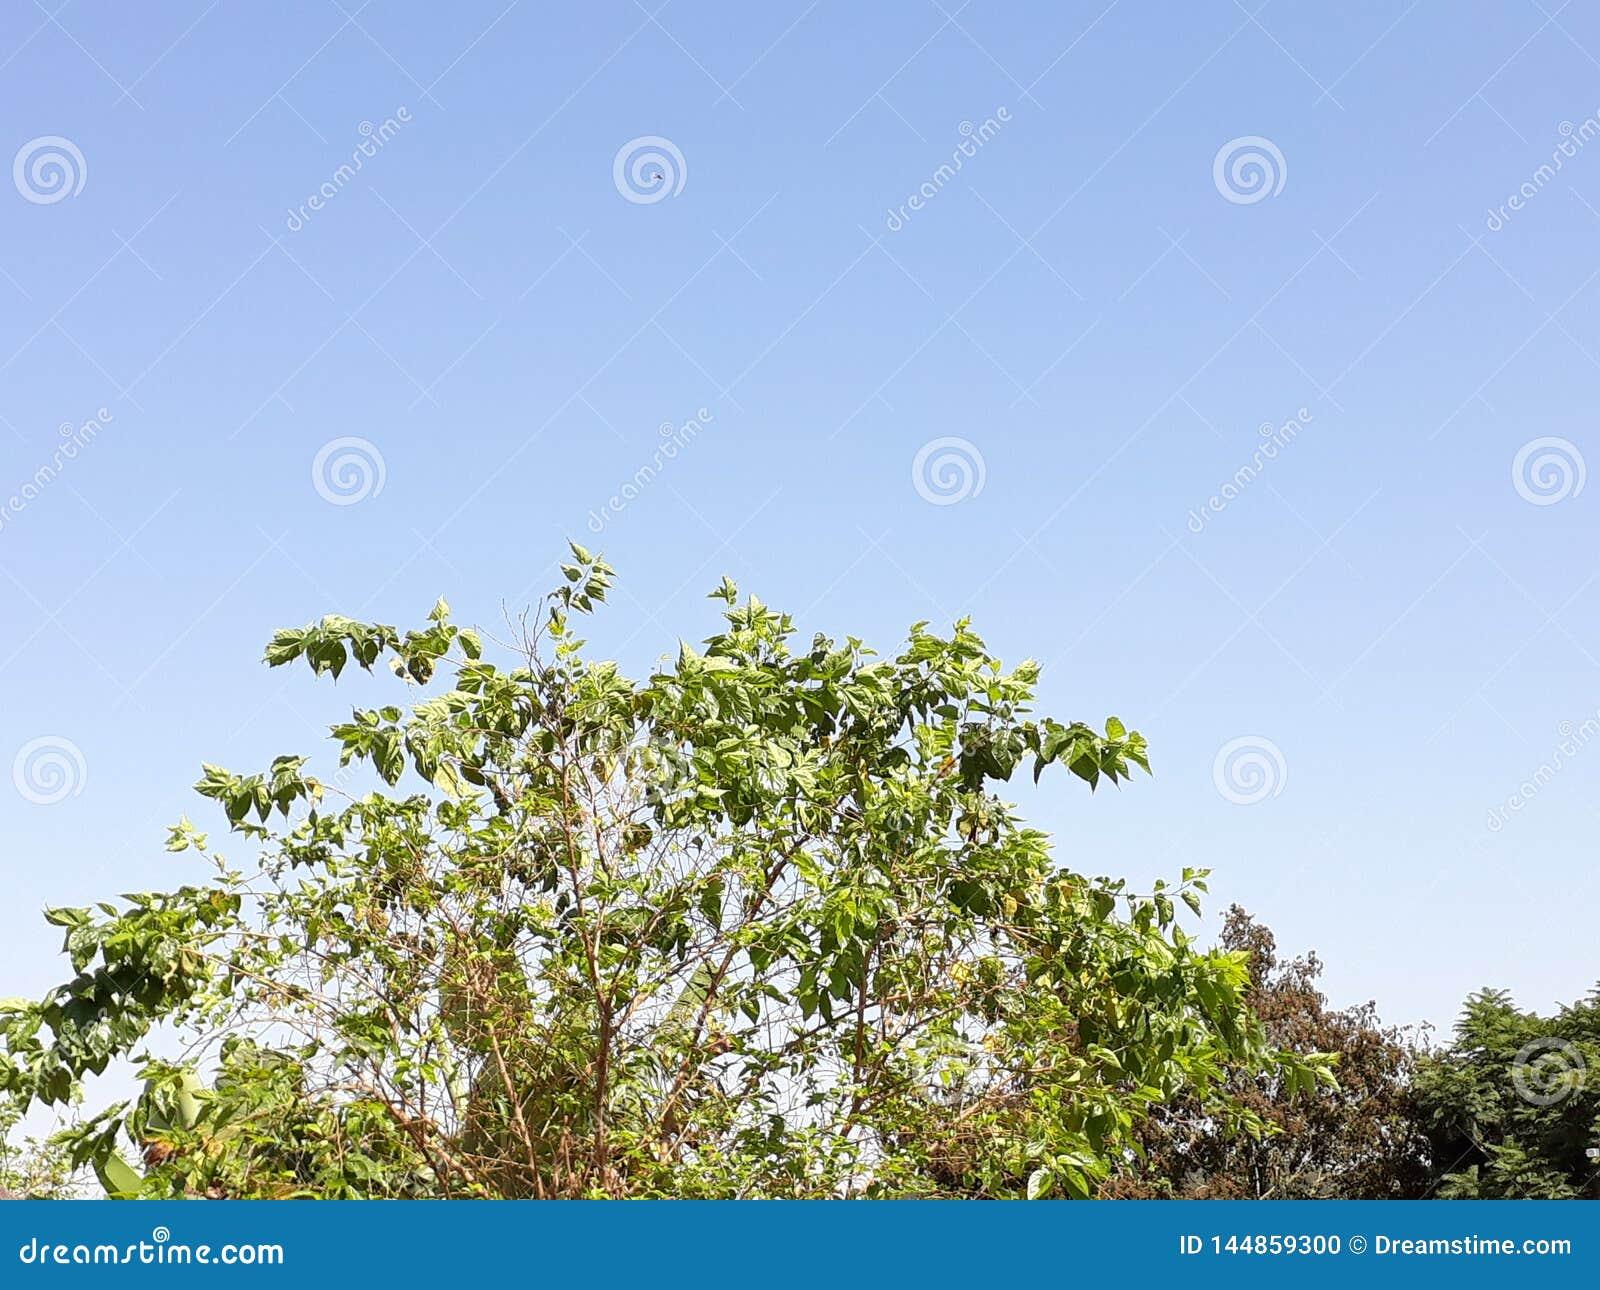 Green tree in a blue sky